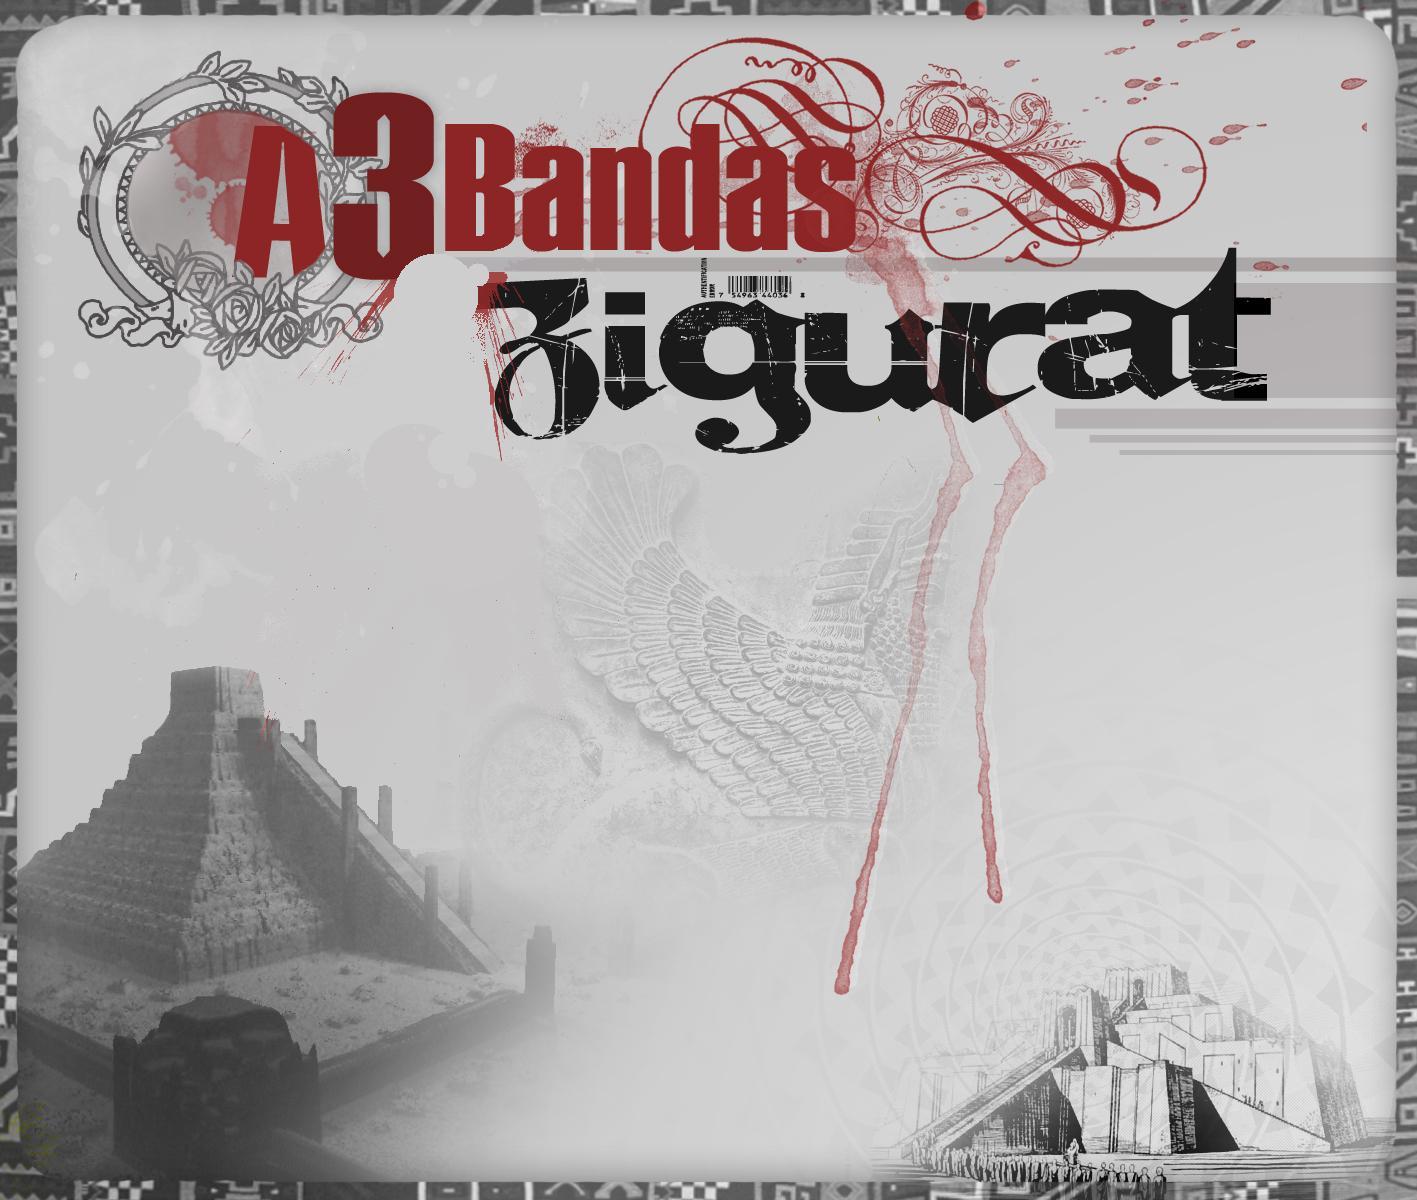 a3bandas discografia